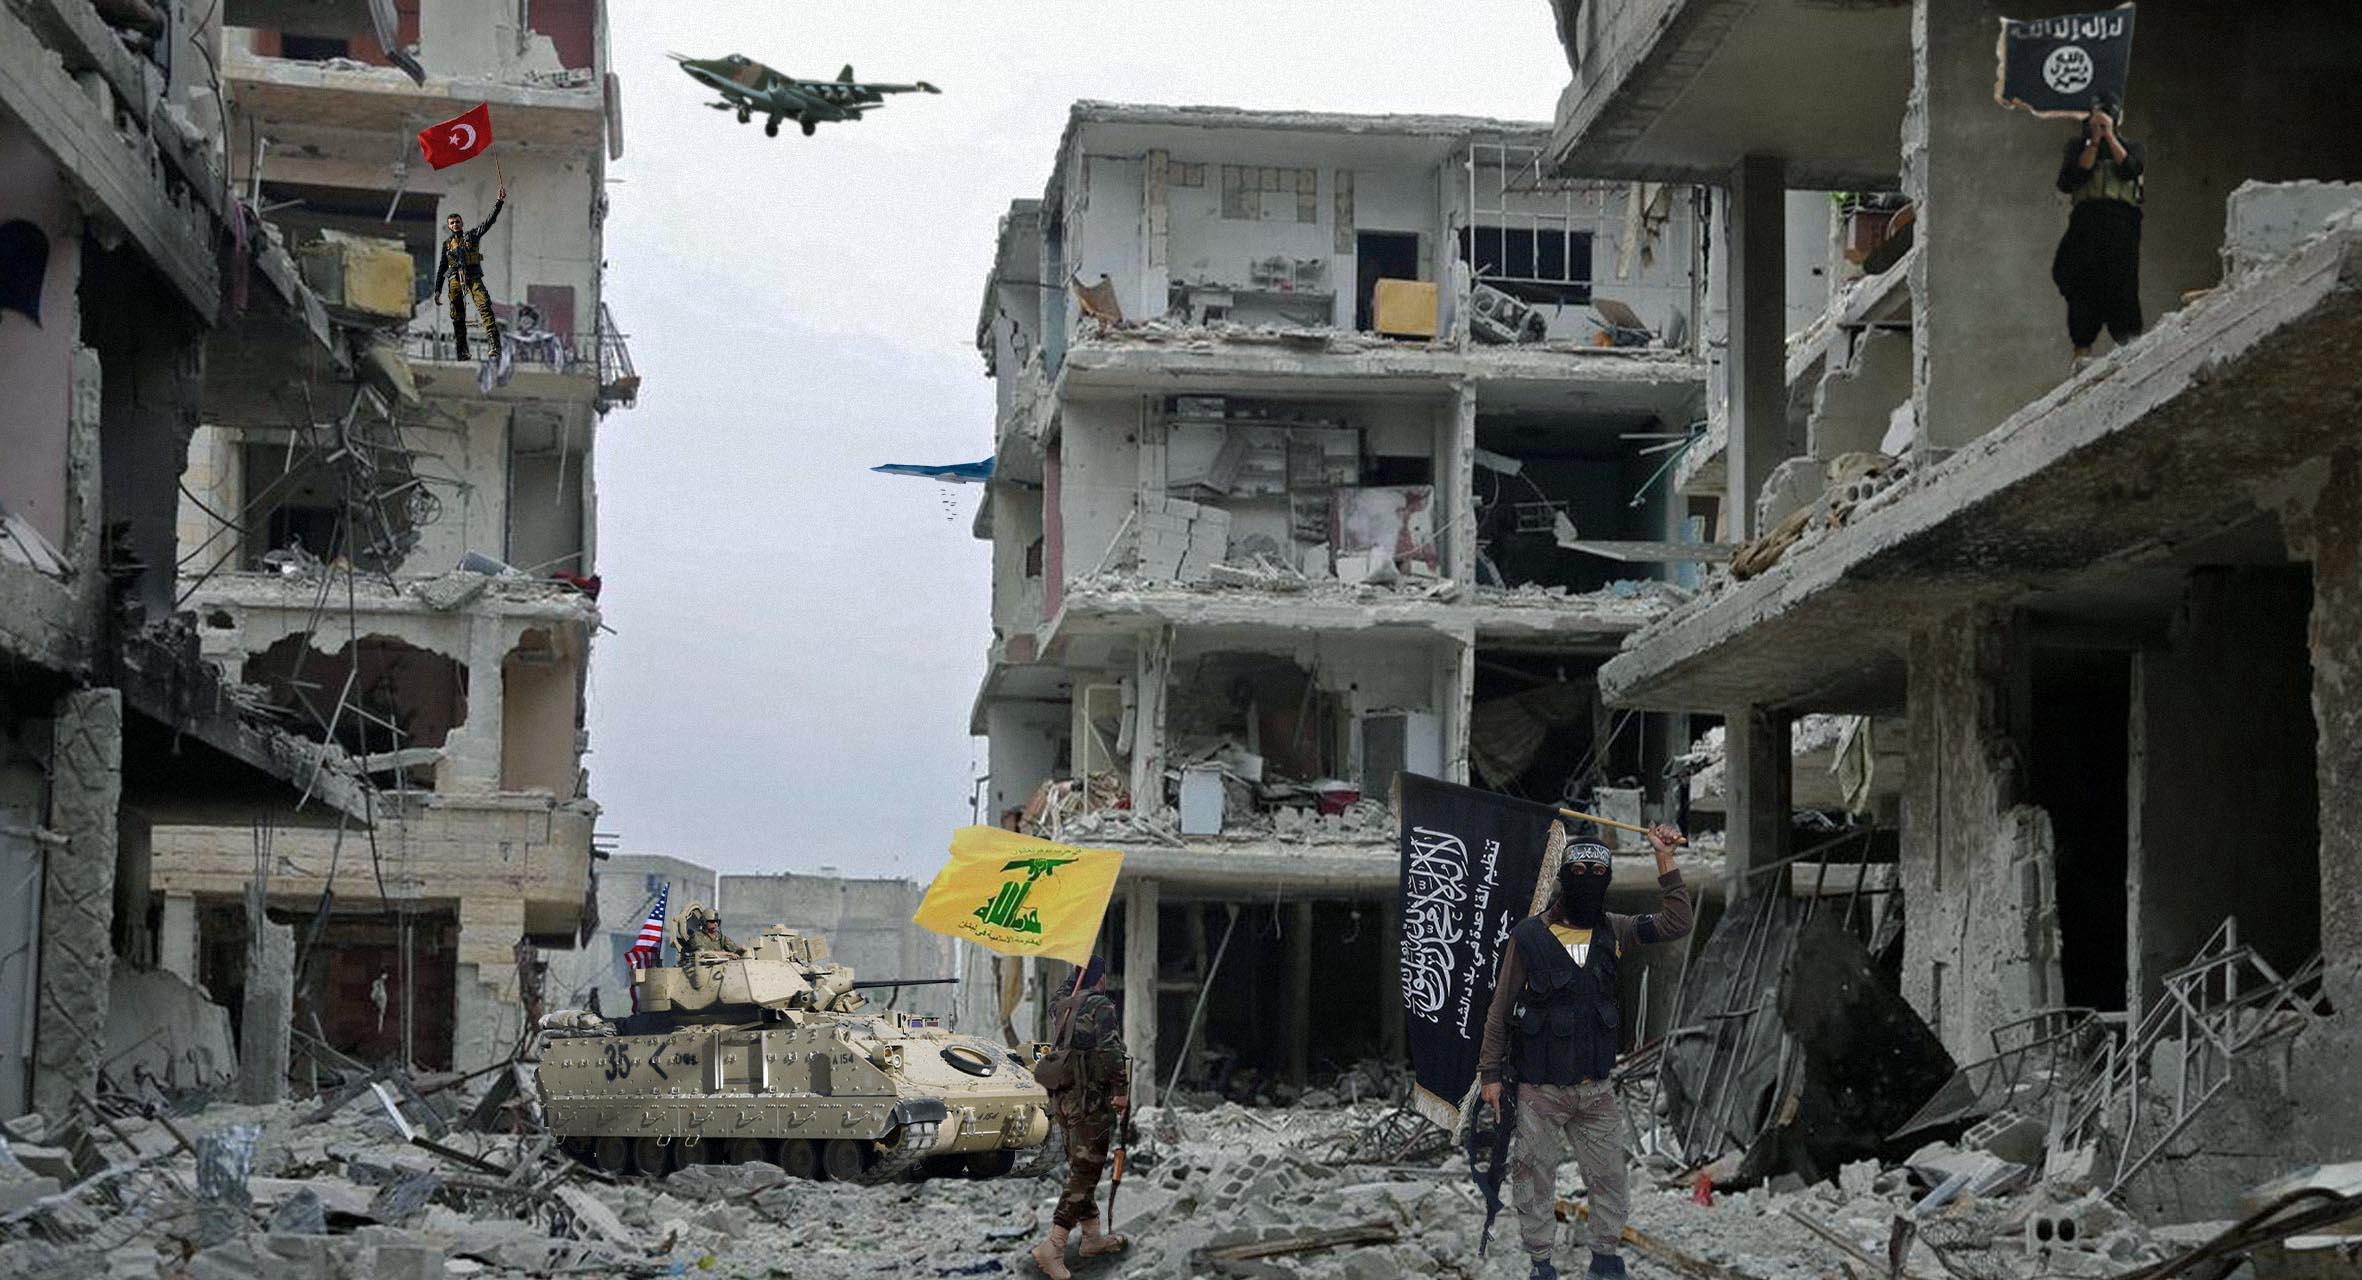 صورة قيادات كردية تستنكر عدم مجيء النظام السوري الكلب المحتل لإنقاذها